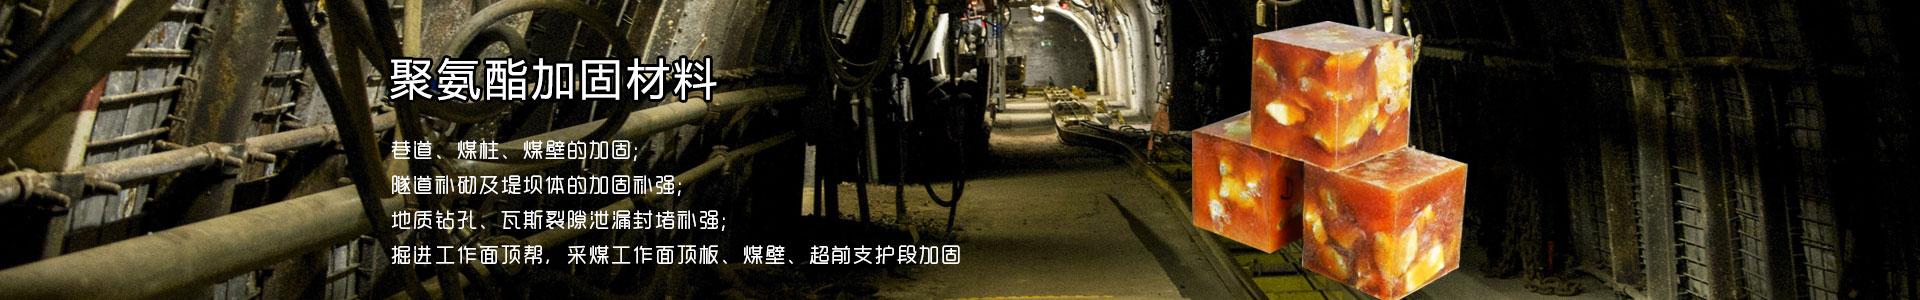 马丽散,矿用加固材料,煤矿加固材料,煤矿填充材料